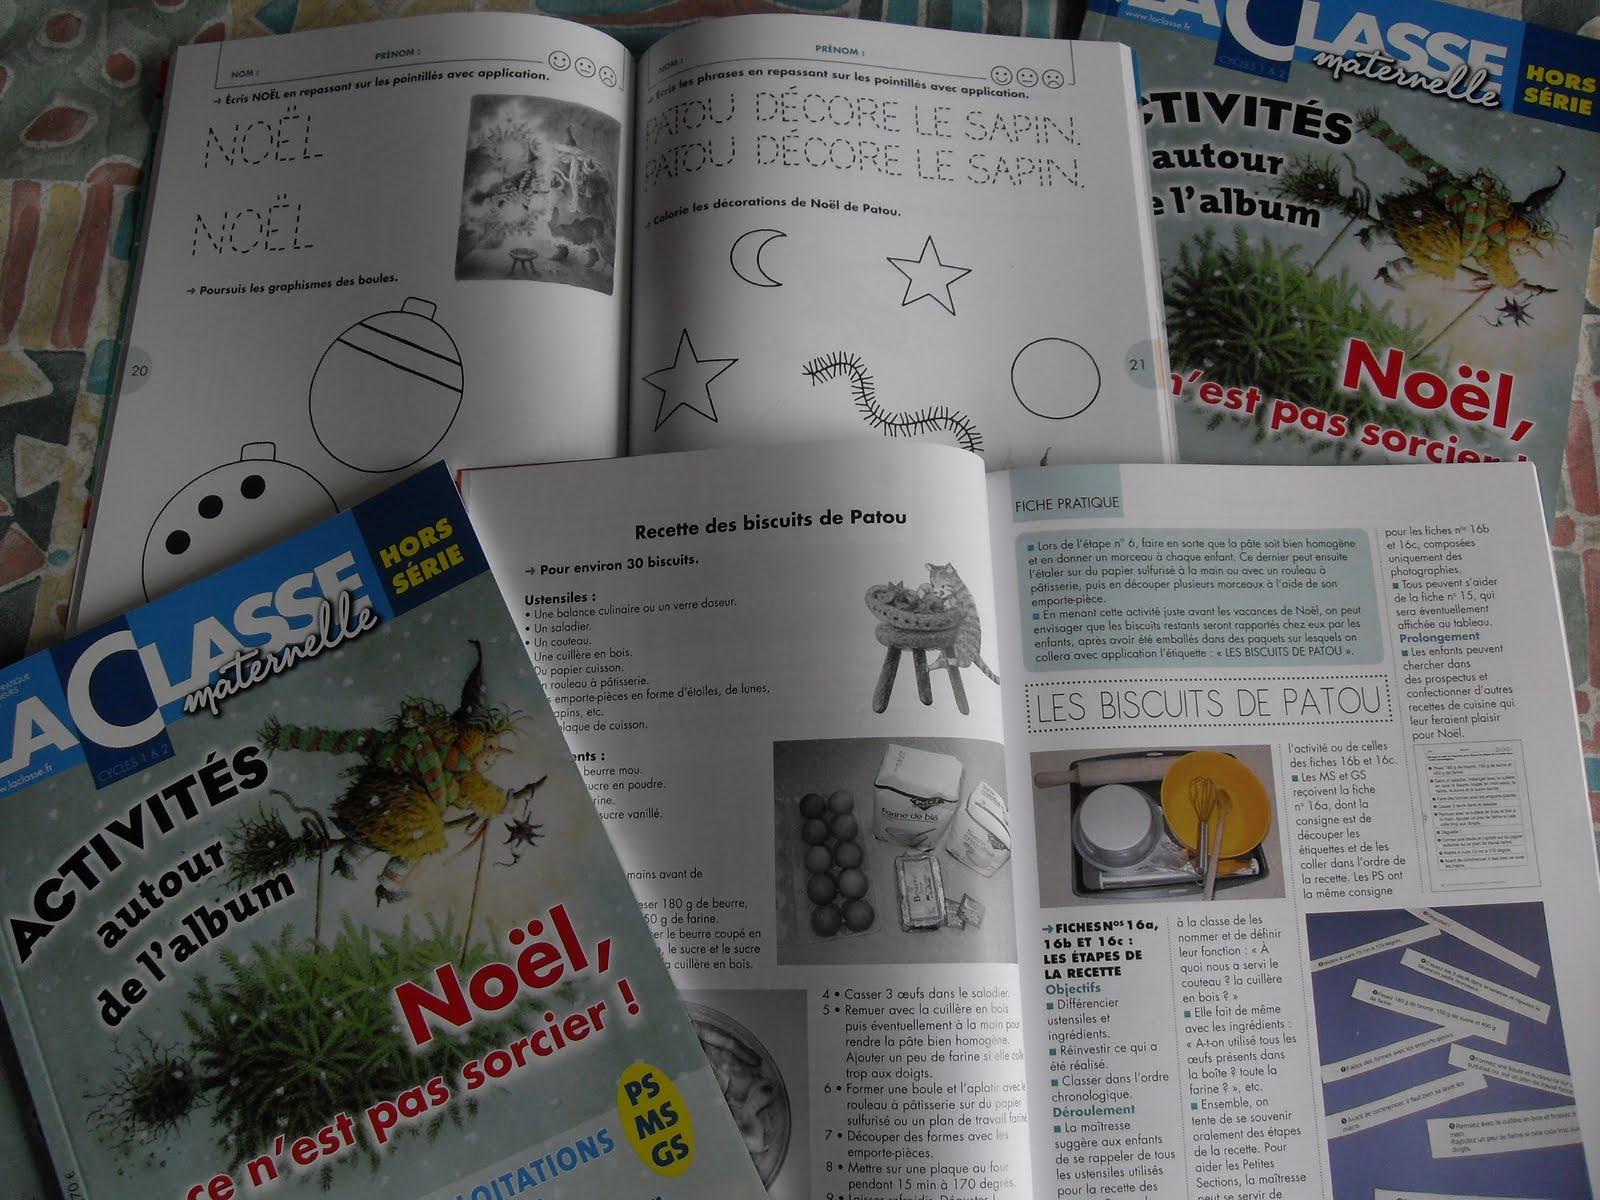 Charming Noel Ce N Est Pas Sorcier #8: Noël Est Bientôt Là!